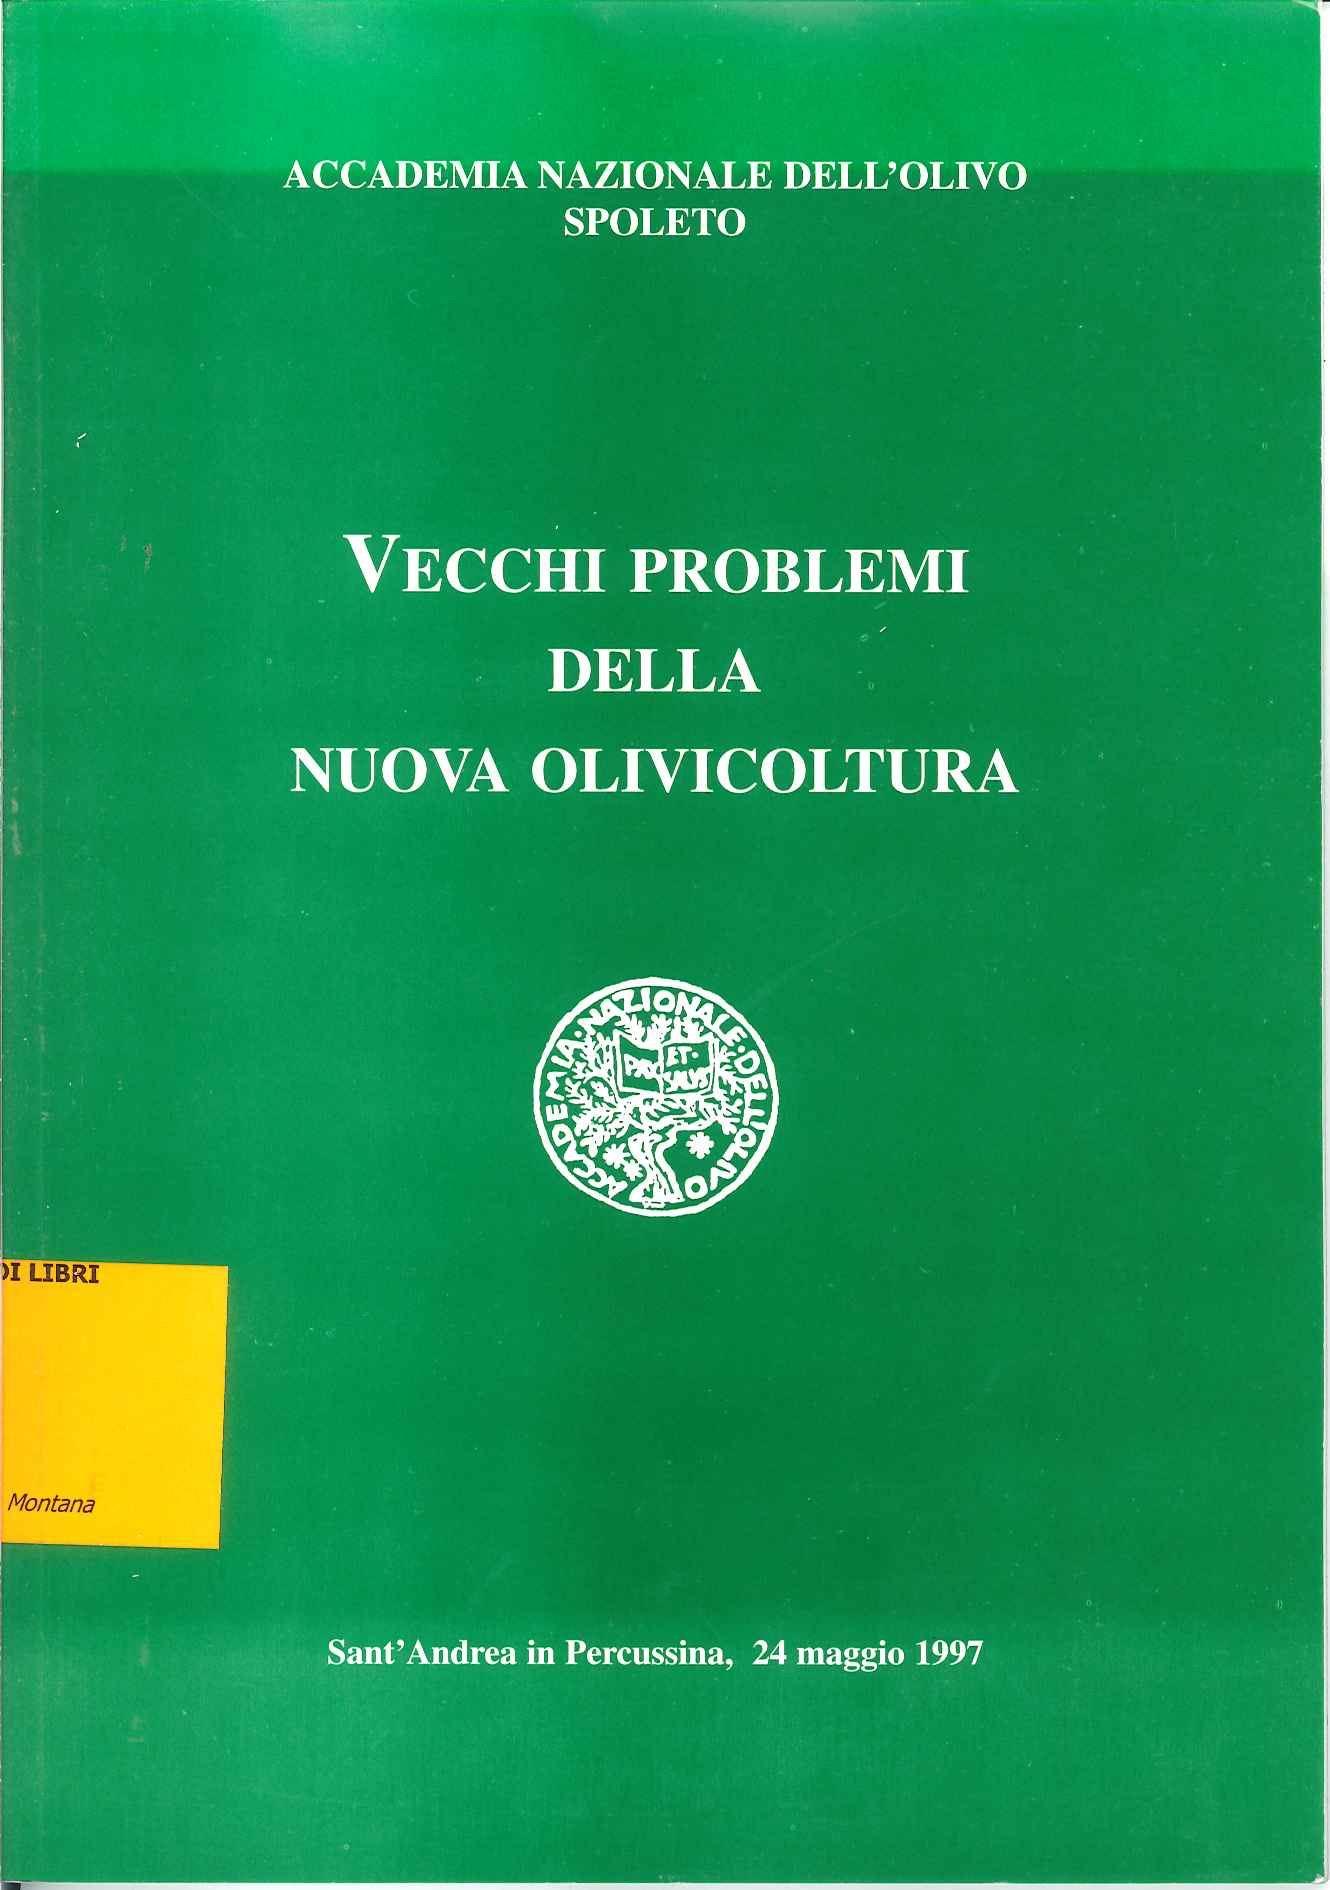 Vecchi problemi della nuova olivicoltura